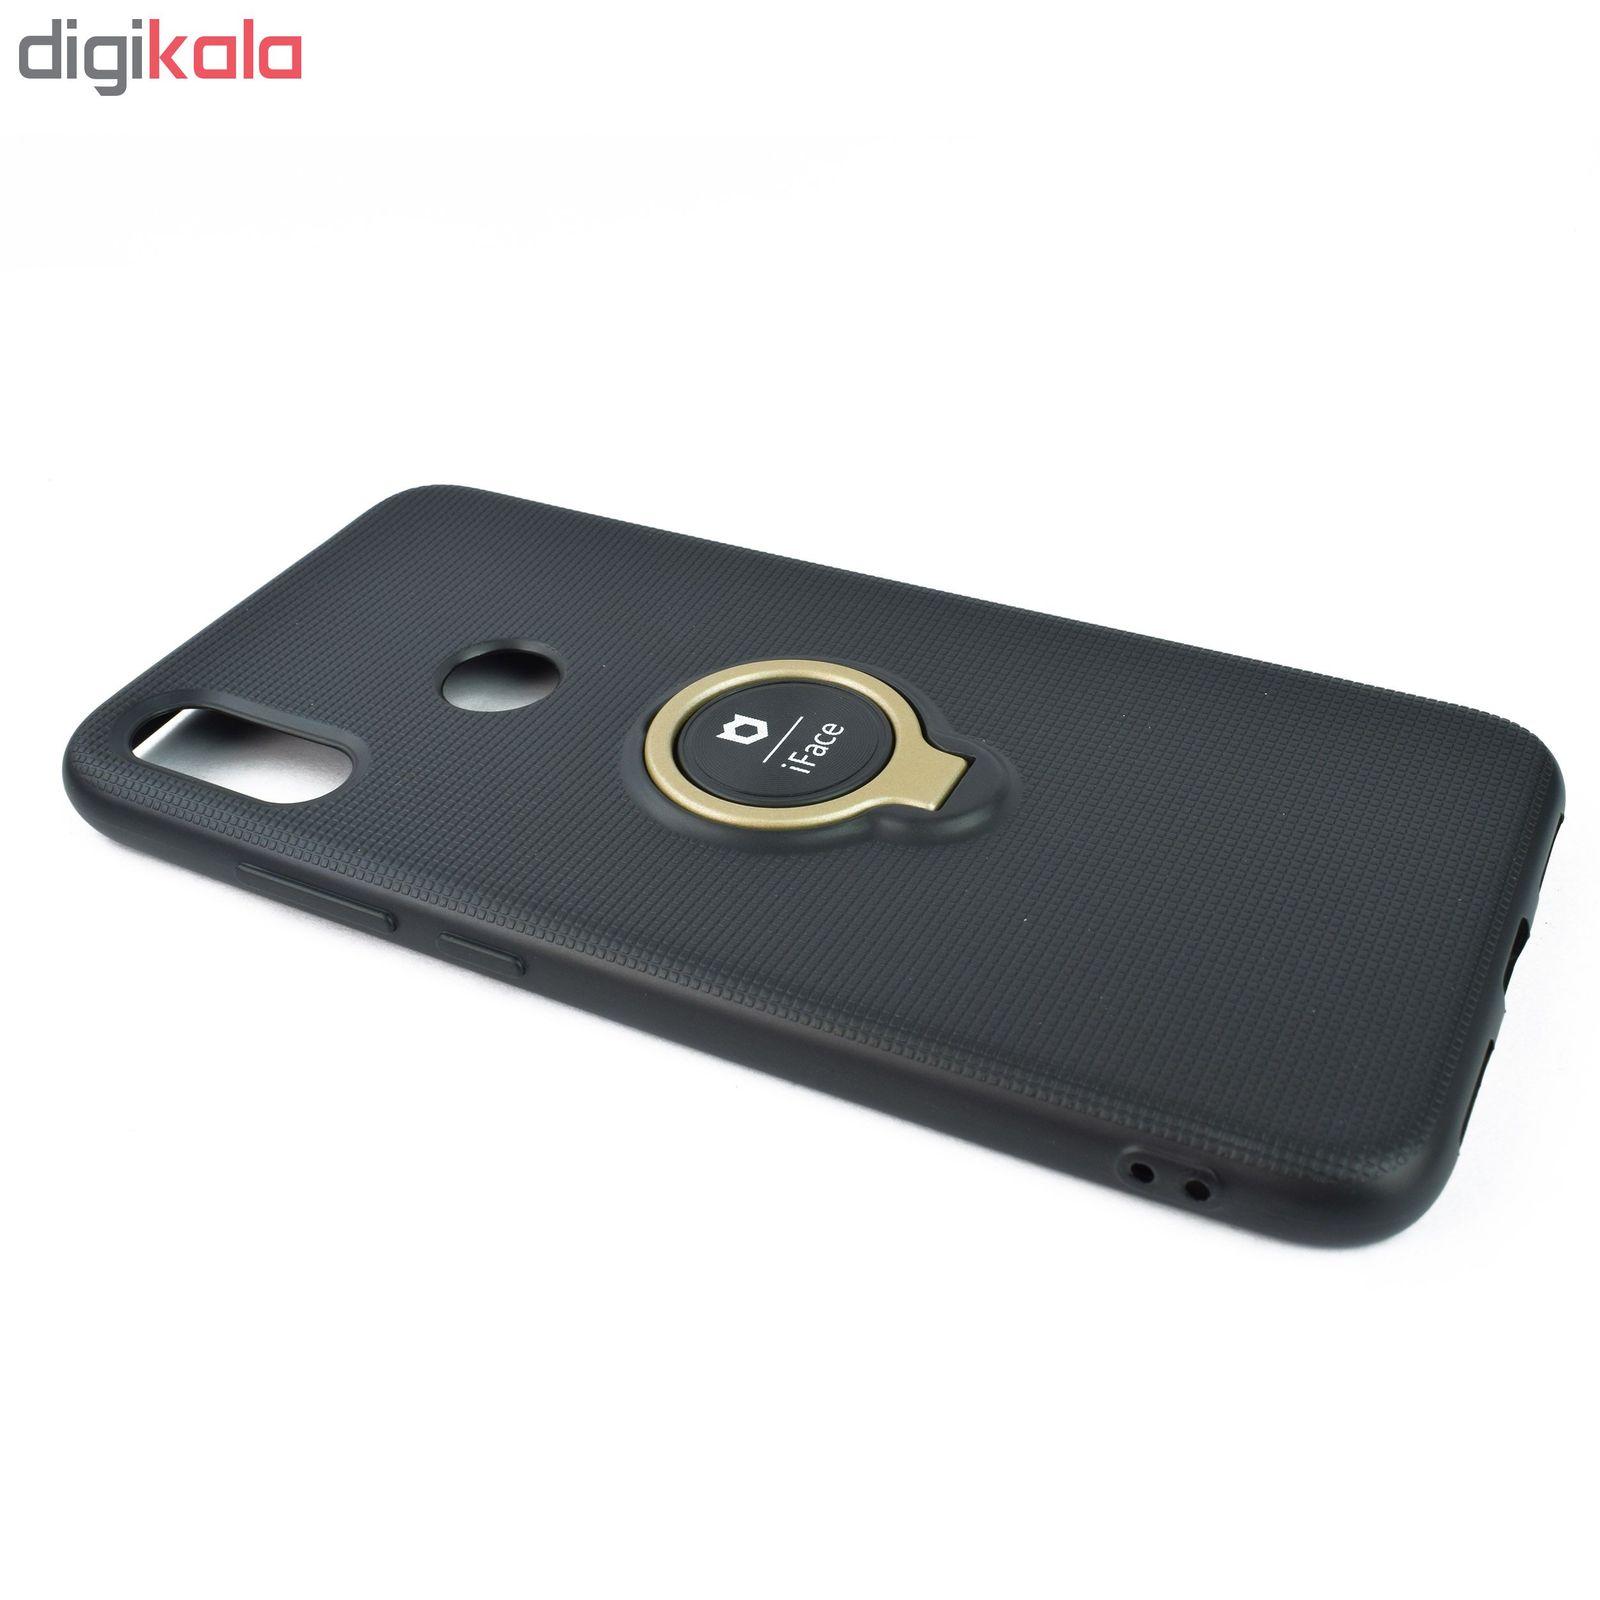 کاور آی فیس مدل IF30 مناسب برای گوشی موبایل شیائومی Redmi Note 7 / Note 7 Pro main 1 6